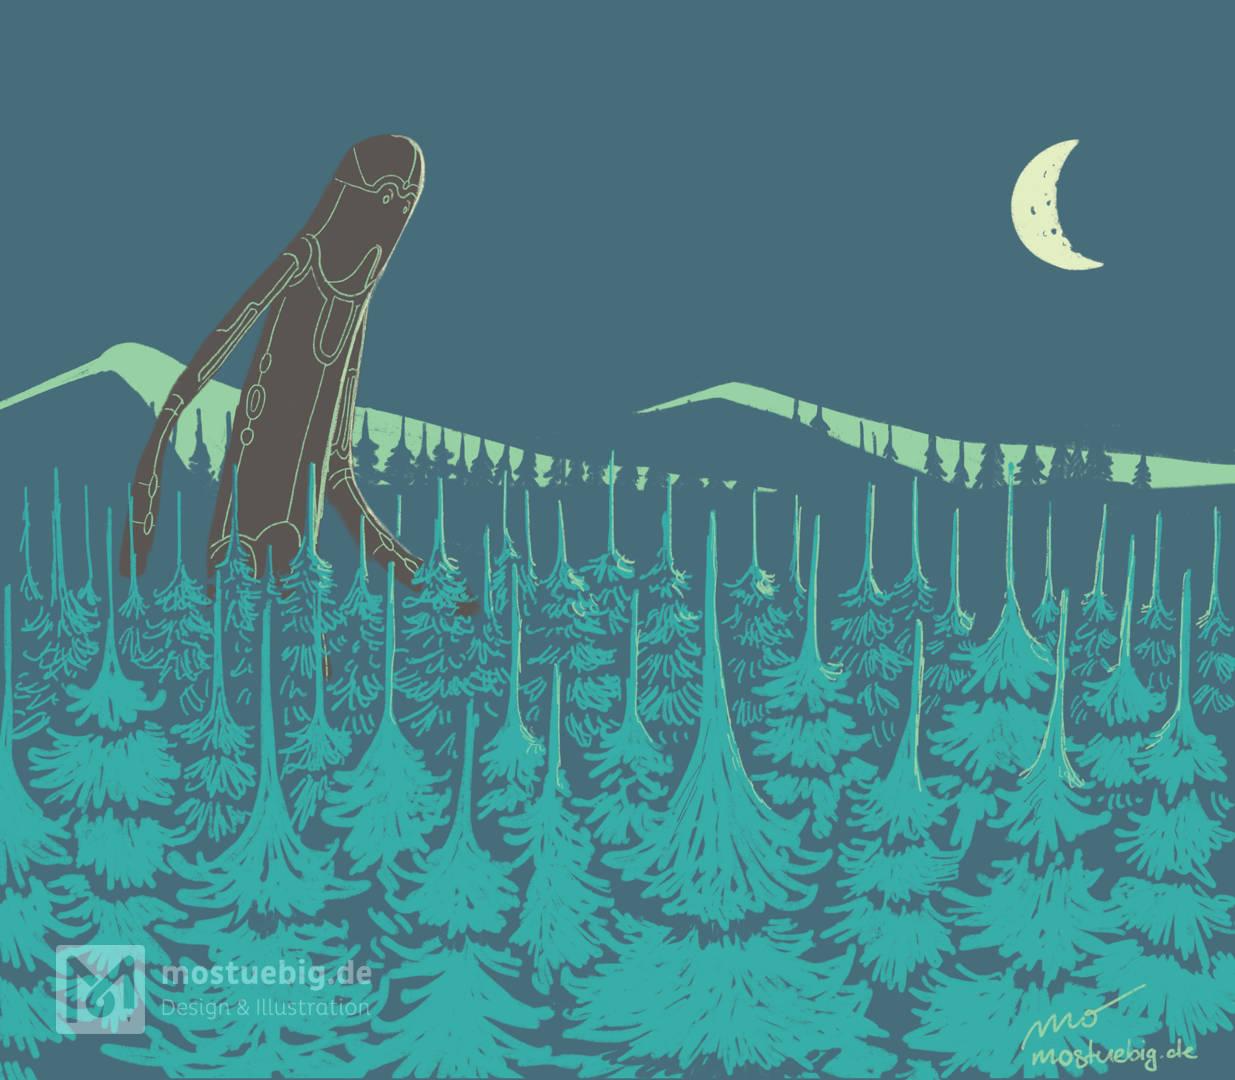 Illustration riesenhaften Waldgeistes, der bei Mondschein durch einen Nadelwald streift..